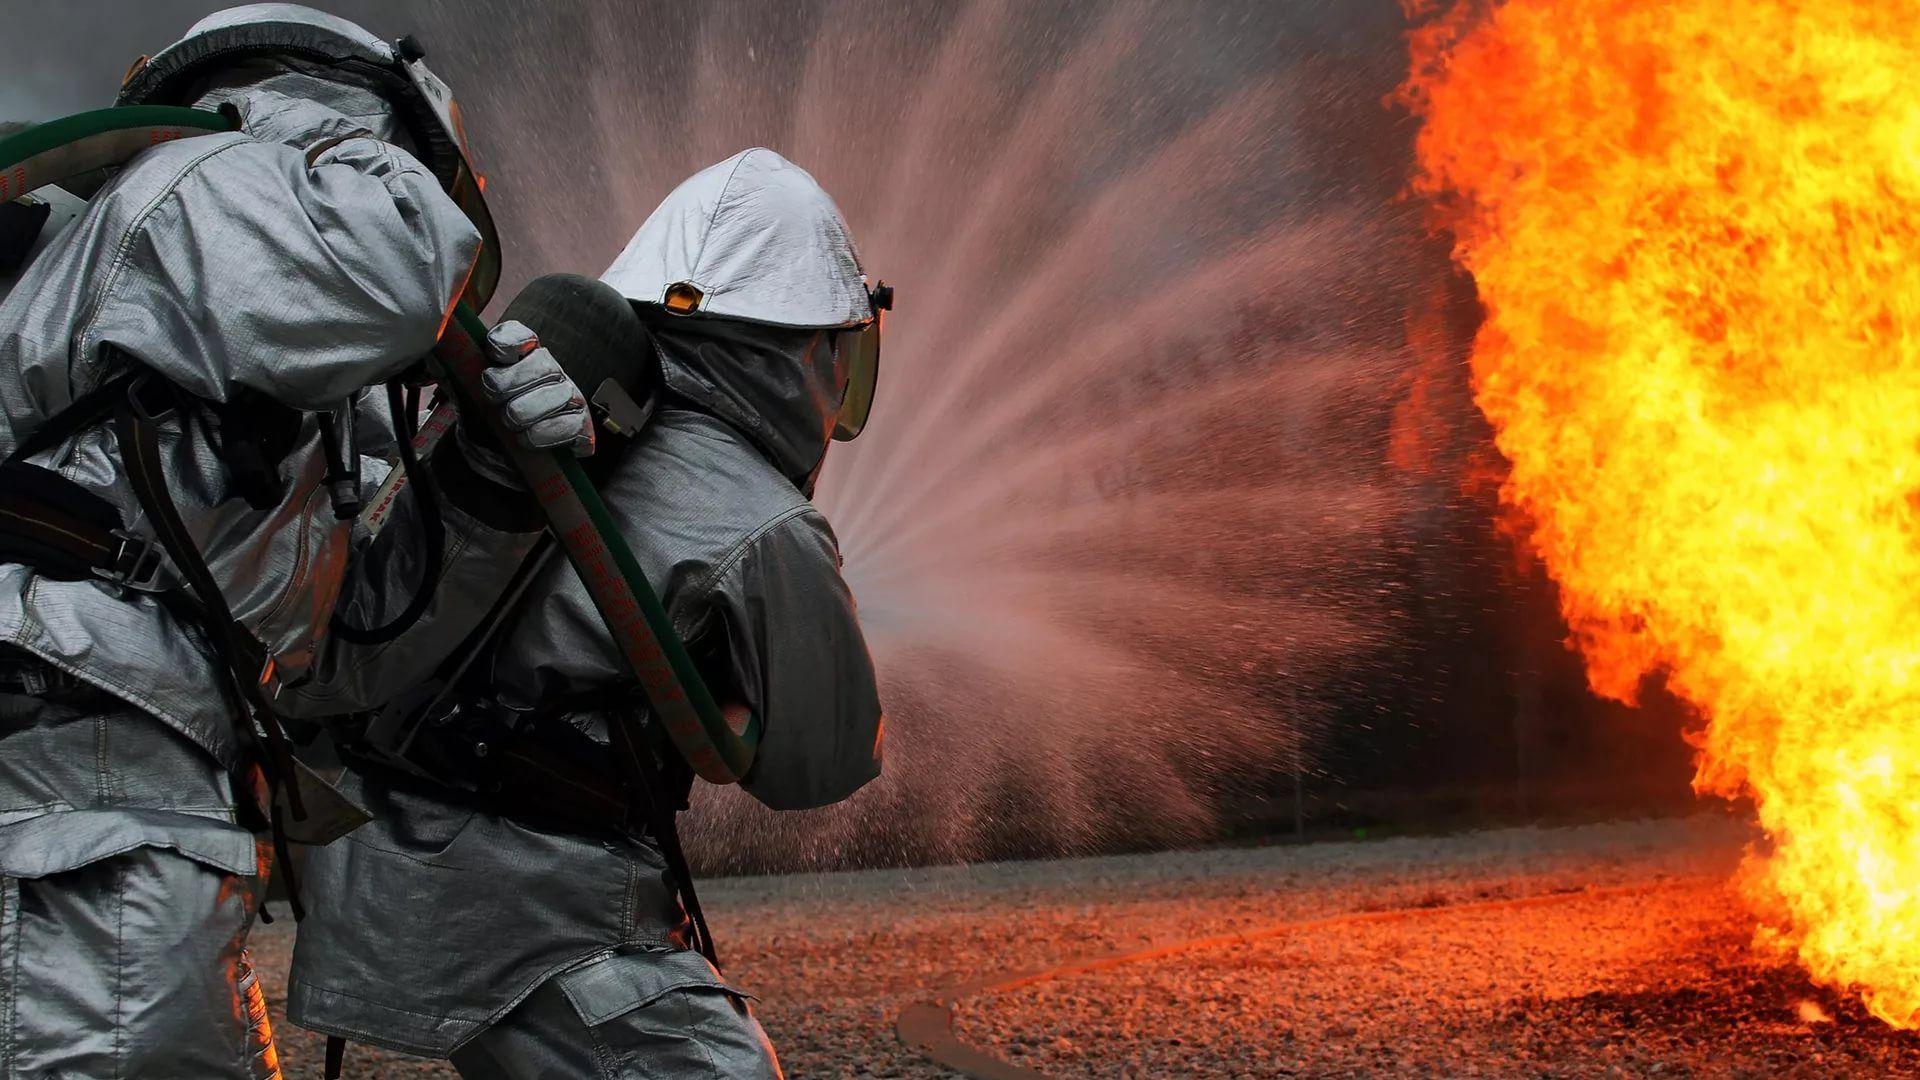 Firefighter PC Wallpaper HD